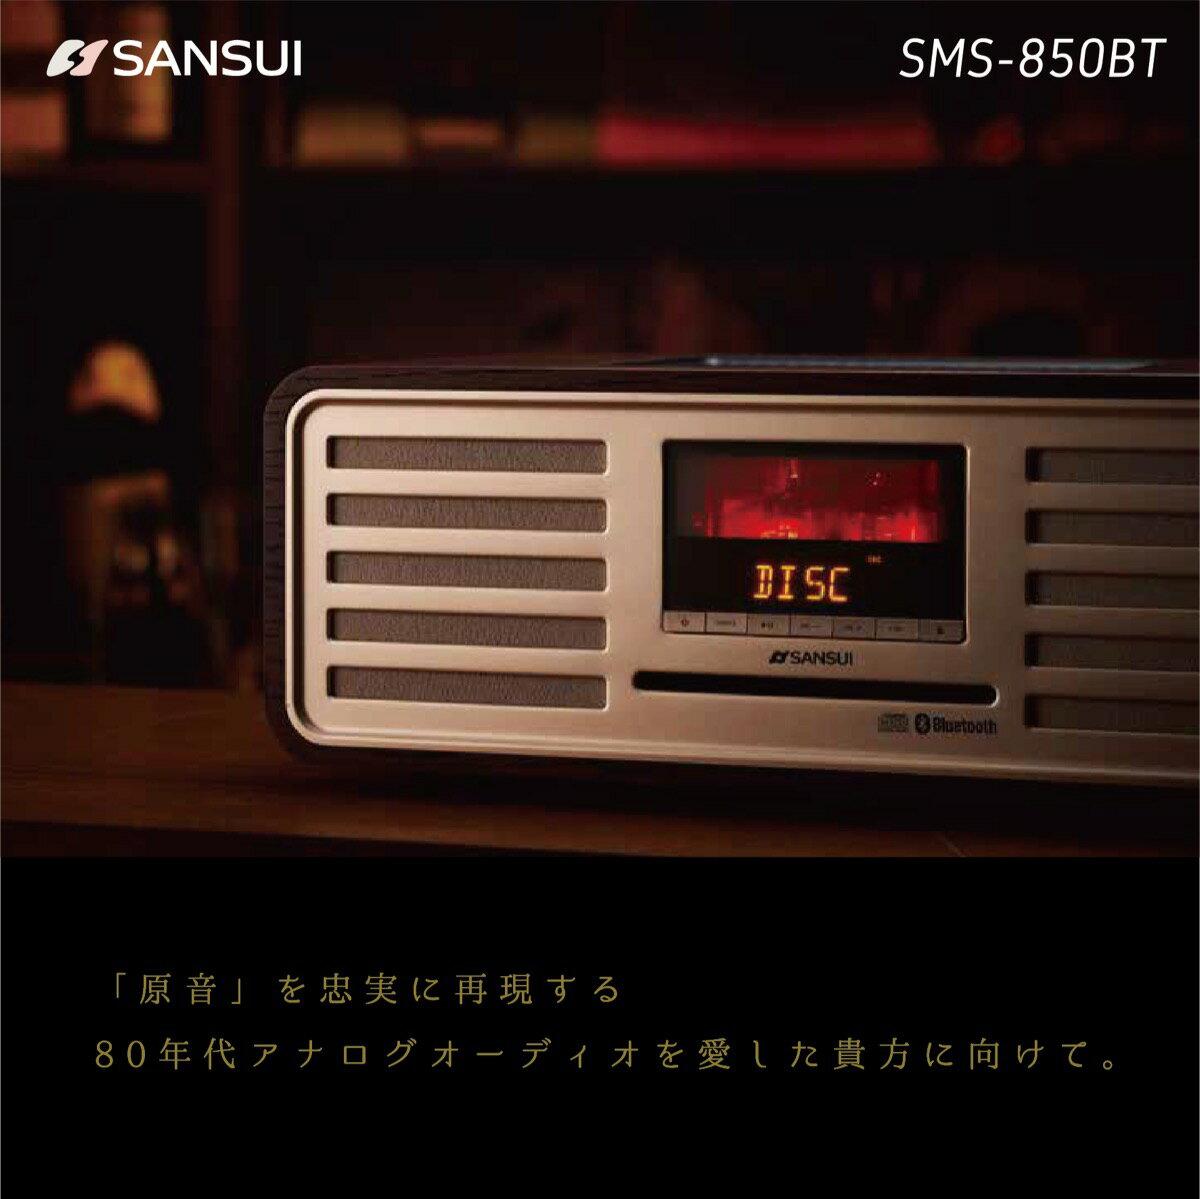 SANSUI『Bluetooth機能搭載CDステレオシステム(SMS-850BT)』